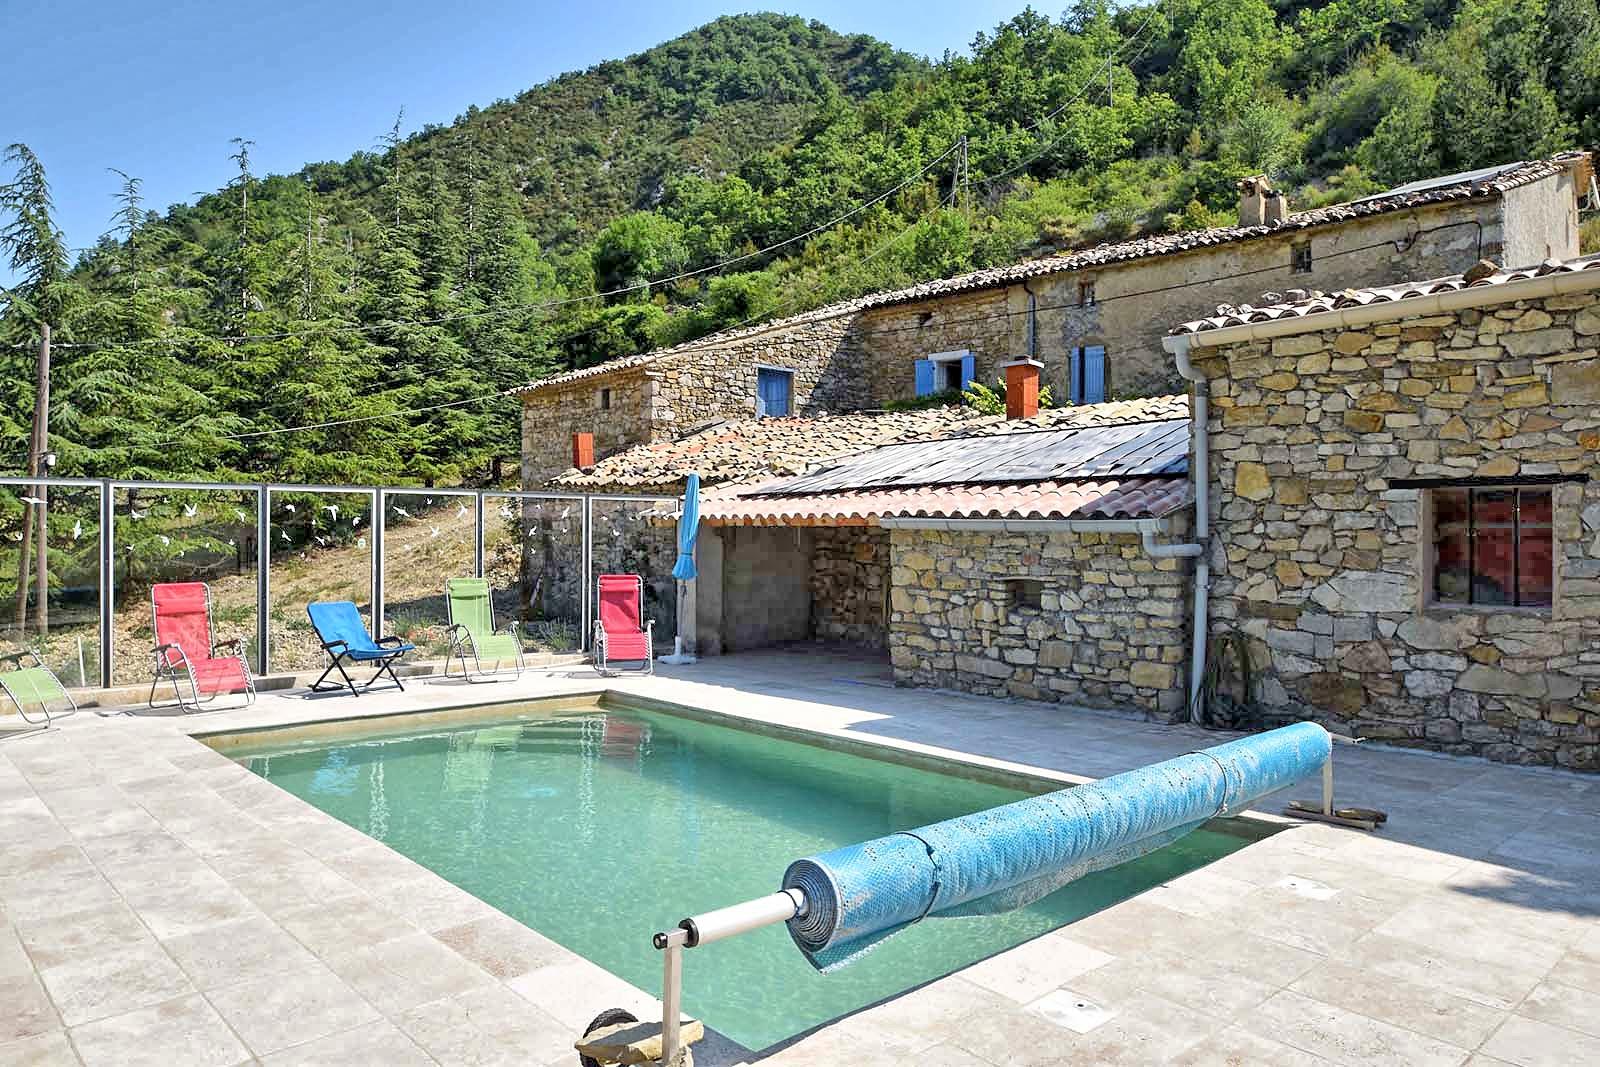 Vakantiehuis in Chaudebonne met zwembad, in Provence-Cote d'Azur.